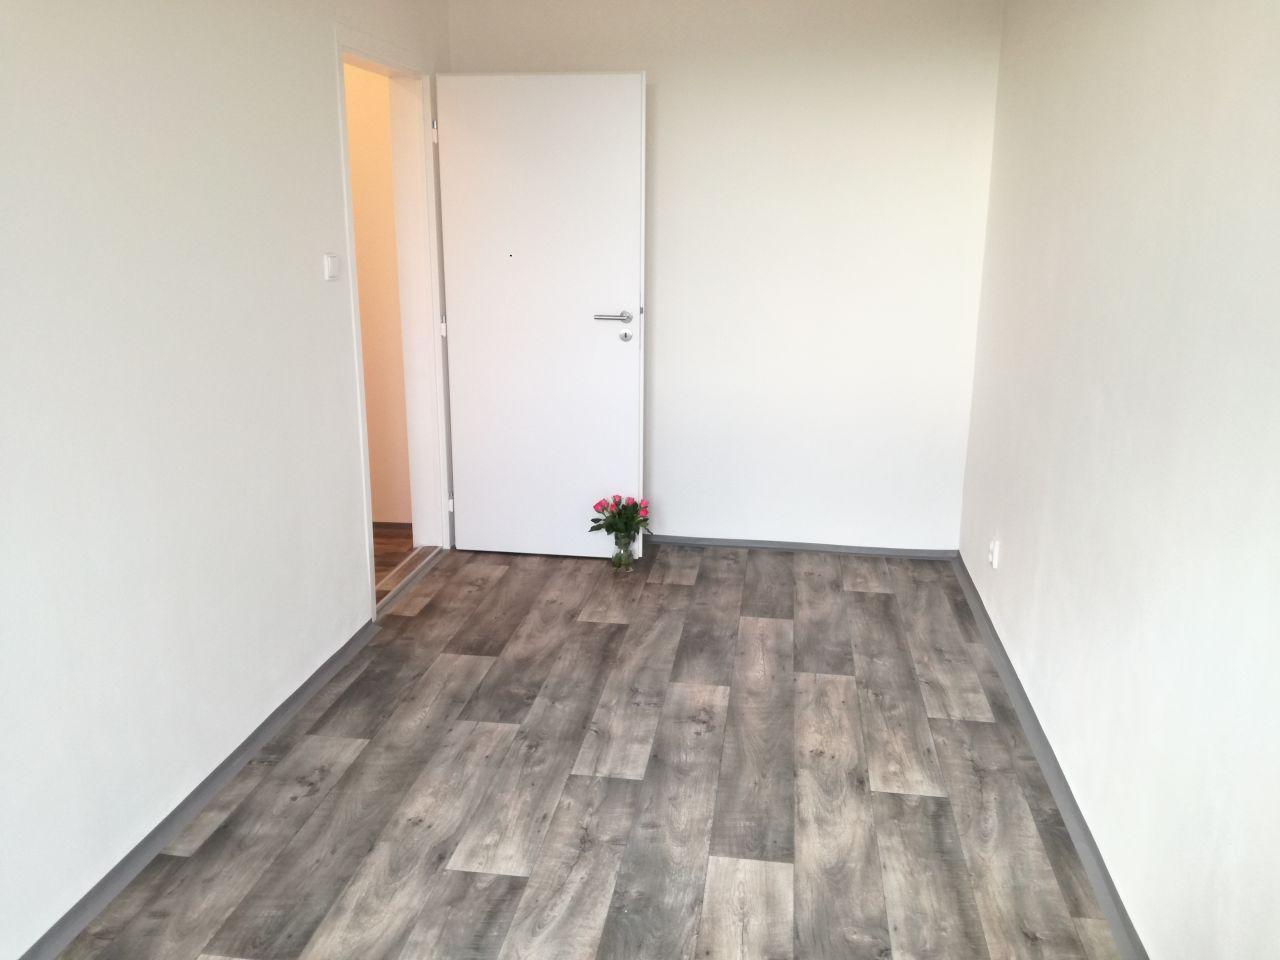 Pronájem bytu 2+1 44 m2, ul. Františka Formana 241/39, Ostrava - Dubina